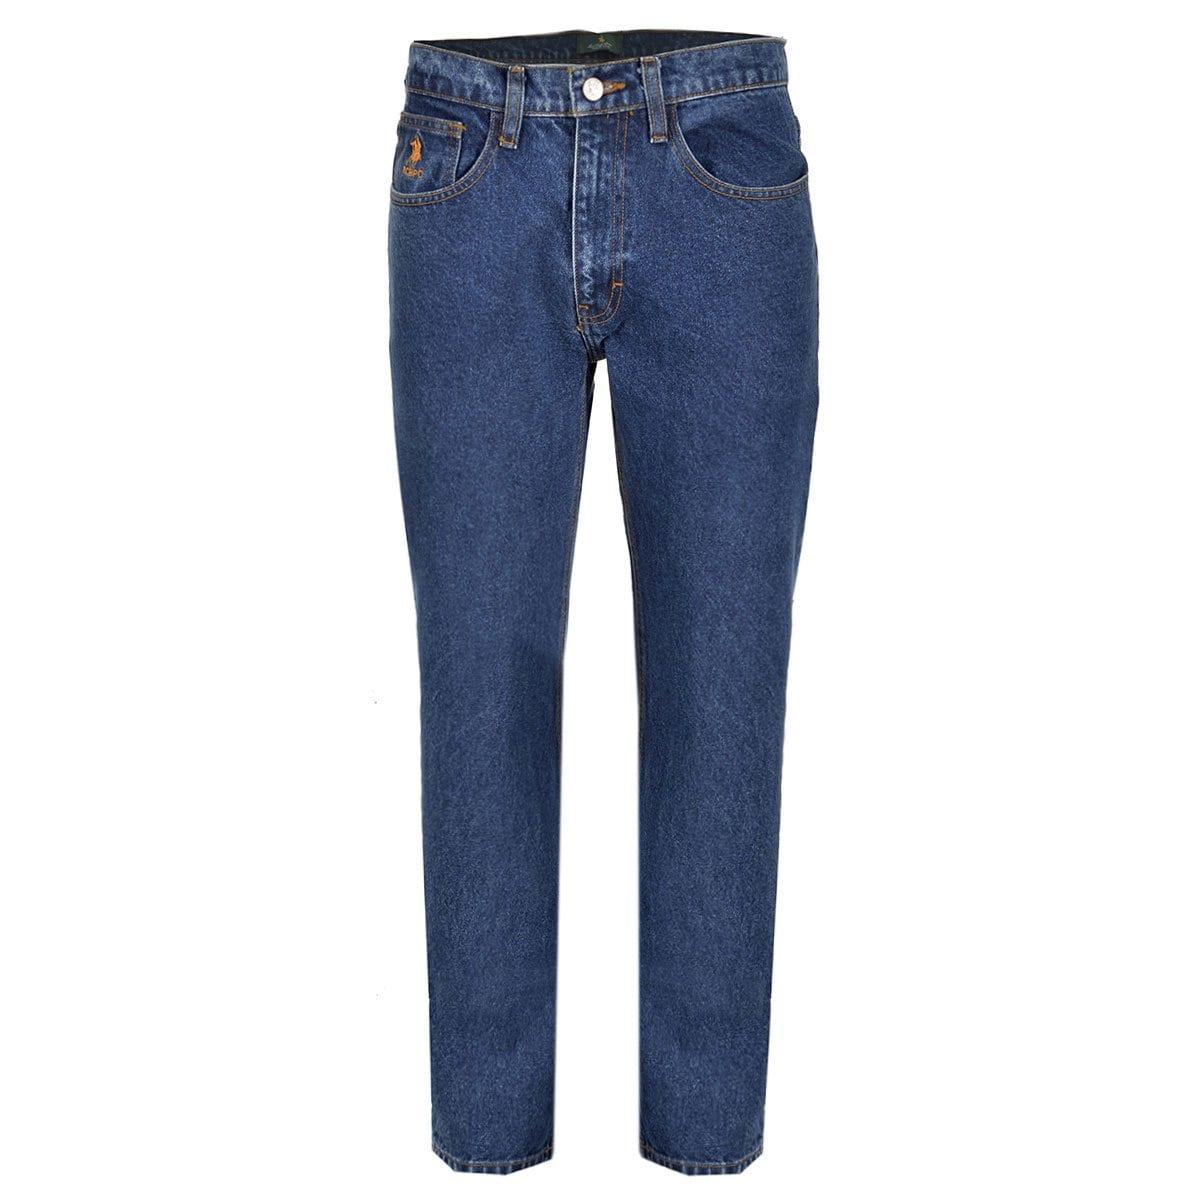 Jeans Azul Corte Rescto Polo Club para Caballero